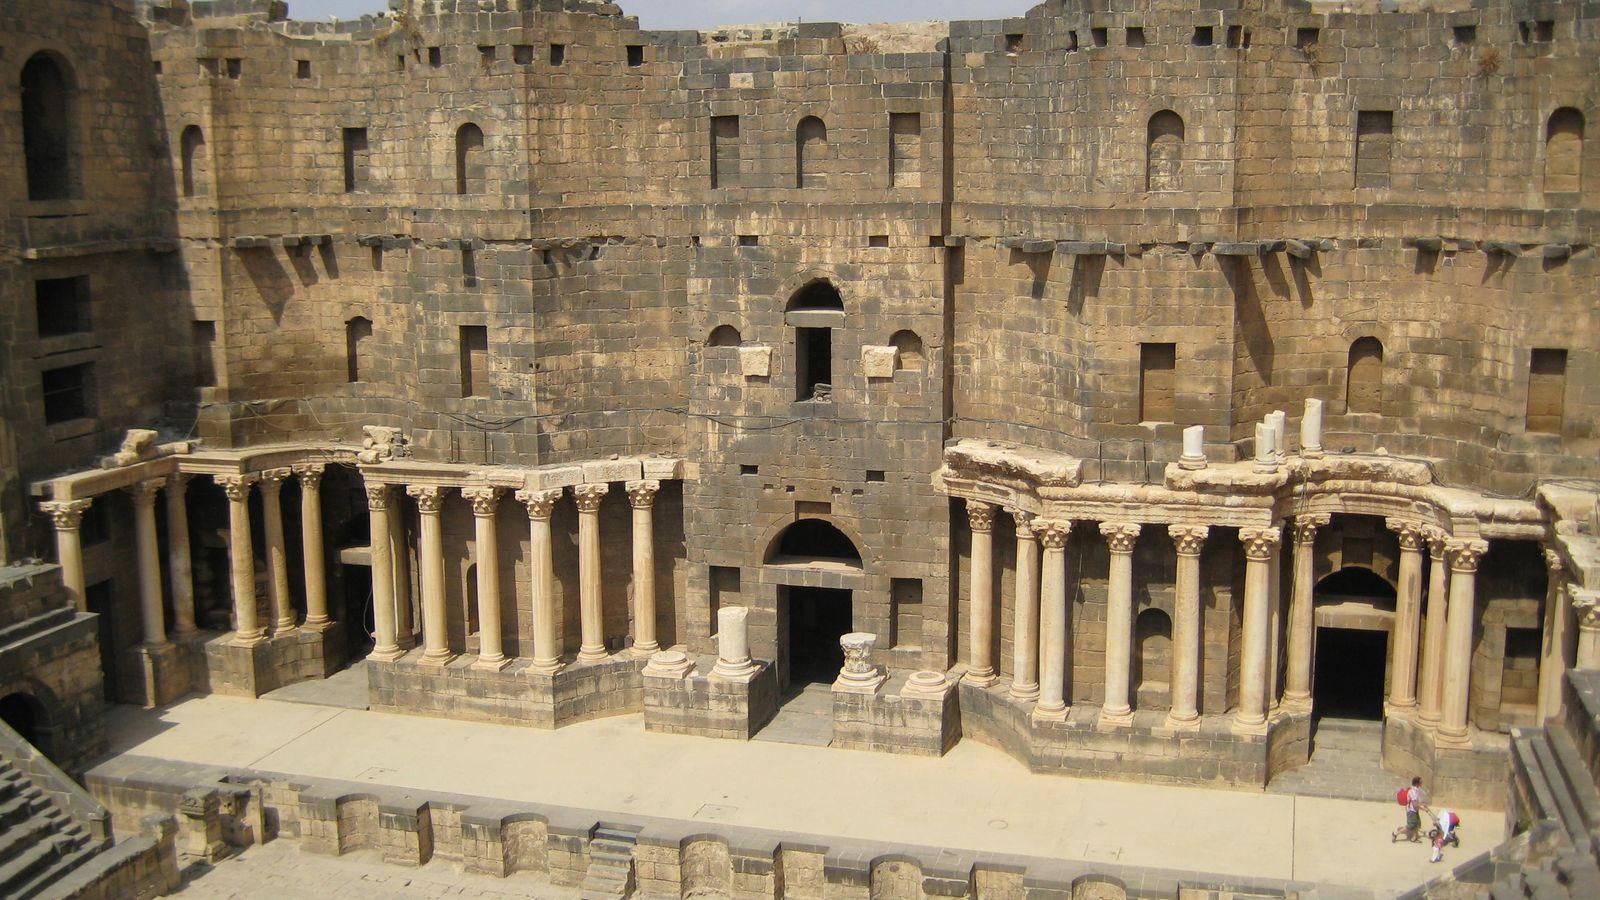 L'intérieur du théâtre romain de Bosra avant d'être endommagé par des bombardements perpétrés par le régime ...